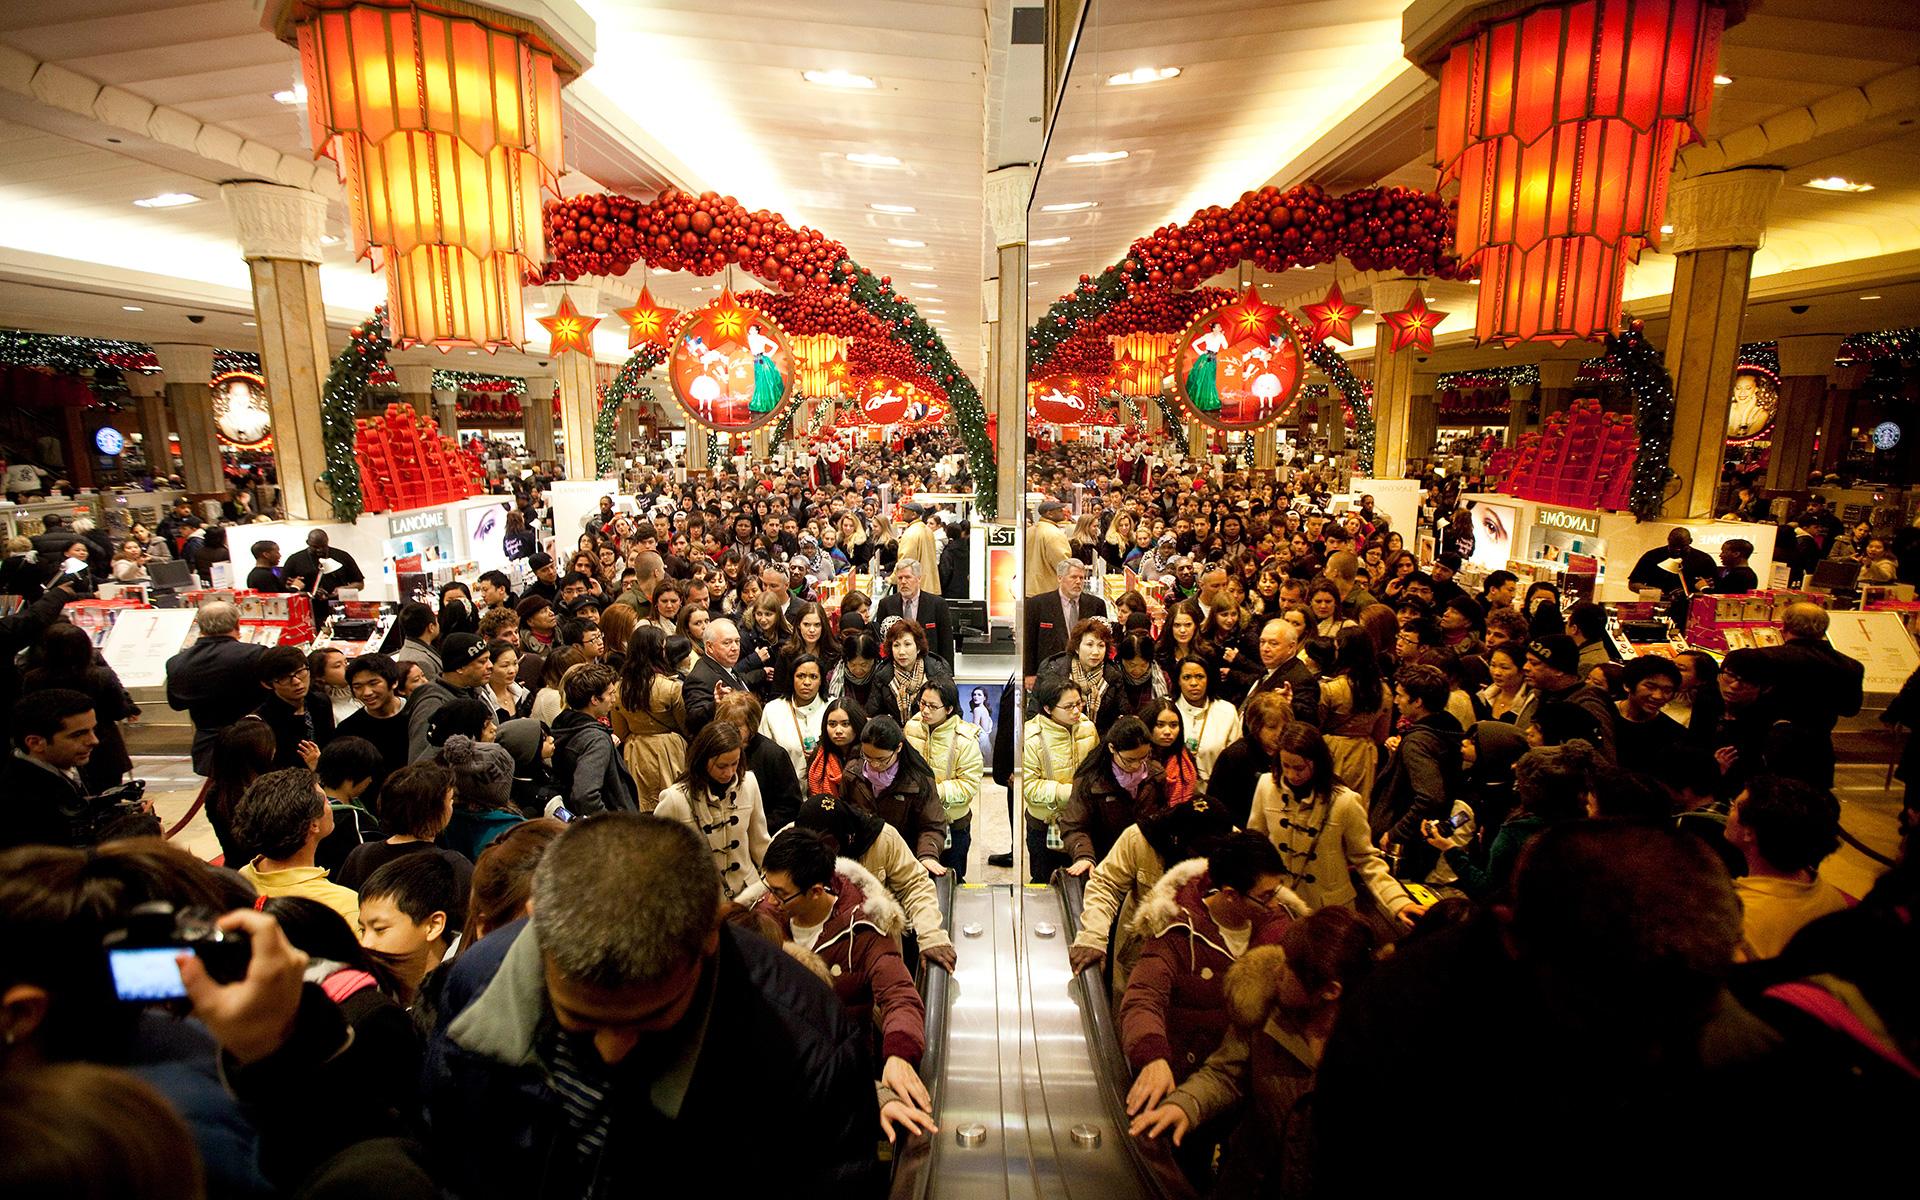 Так выглядели магазины год назад. В этом году ожидается еще больший ажиотаж.